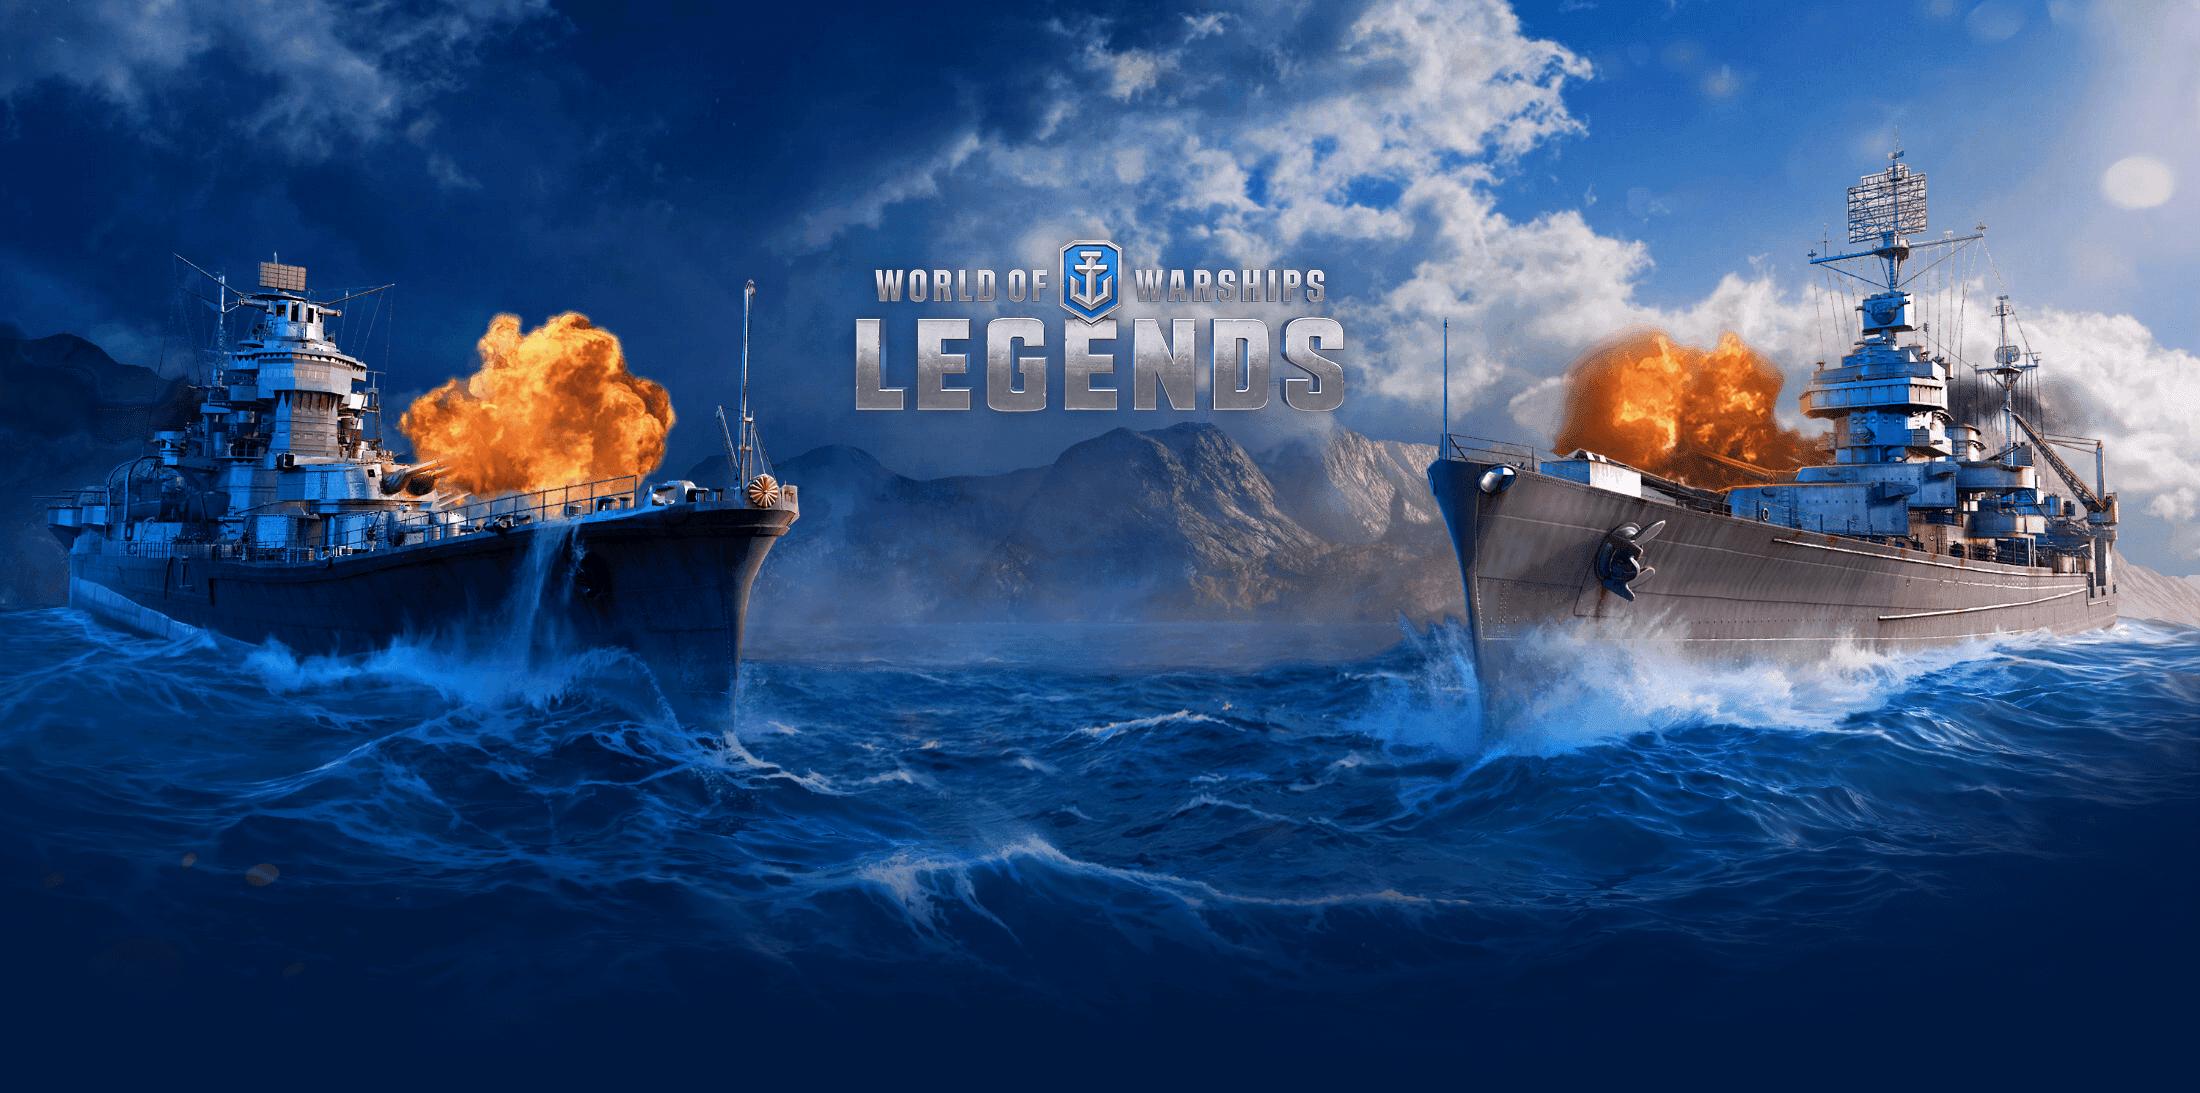 Recenzja gry World of Warships: Legends na PlayStation 4 z perspektywy kompletnego laika 18